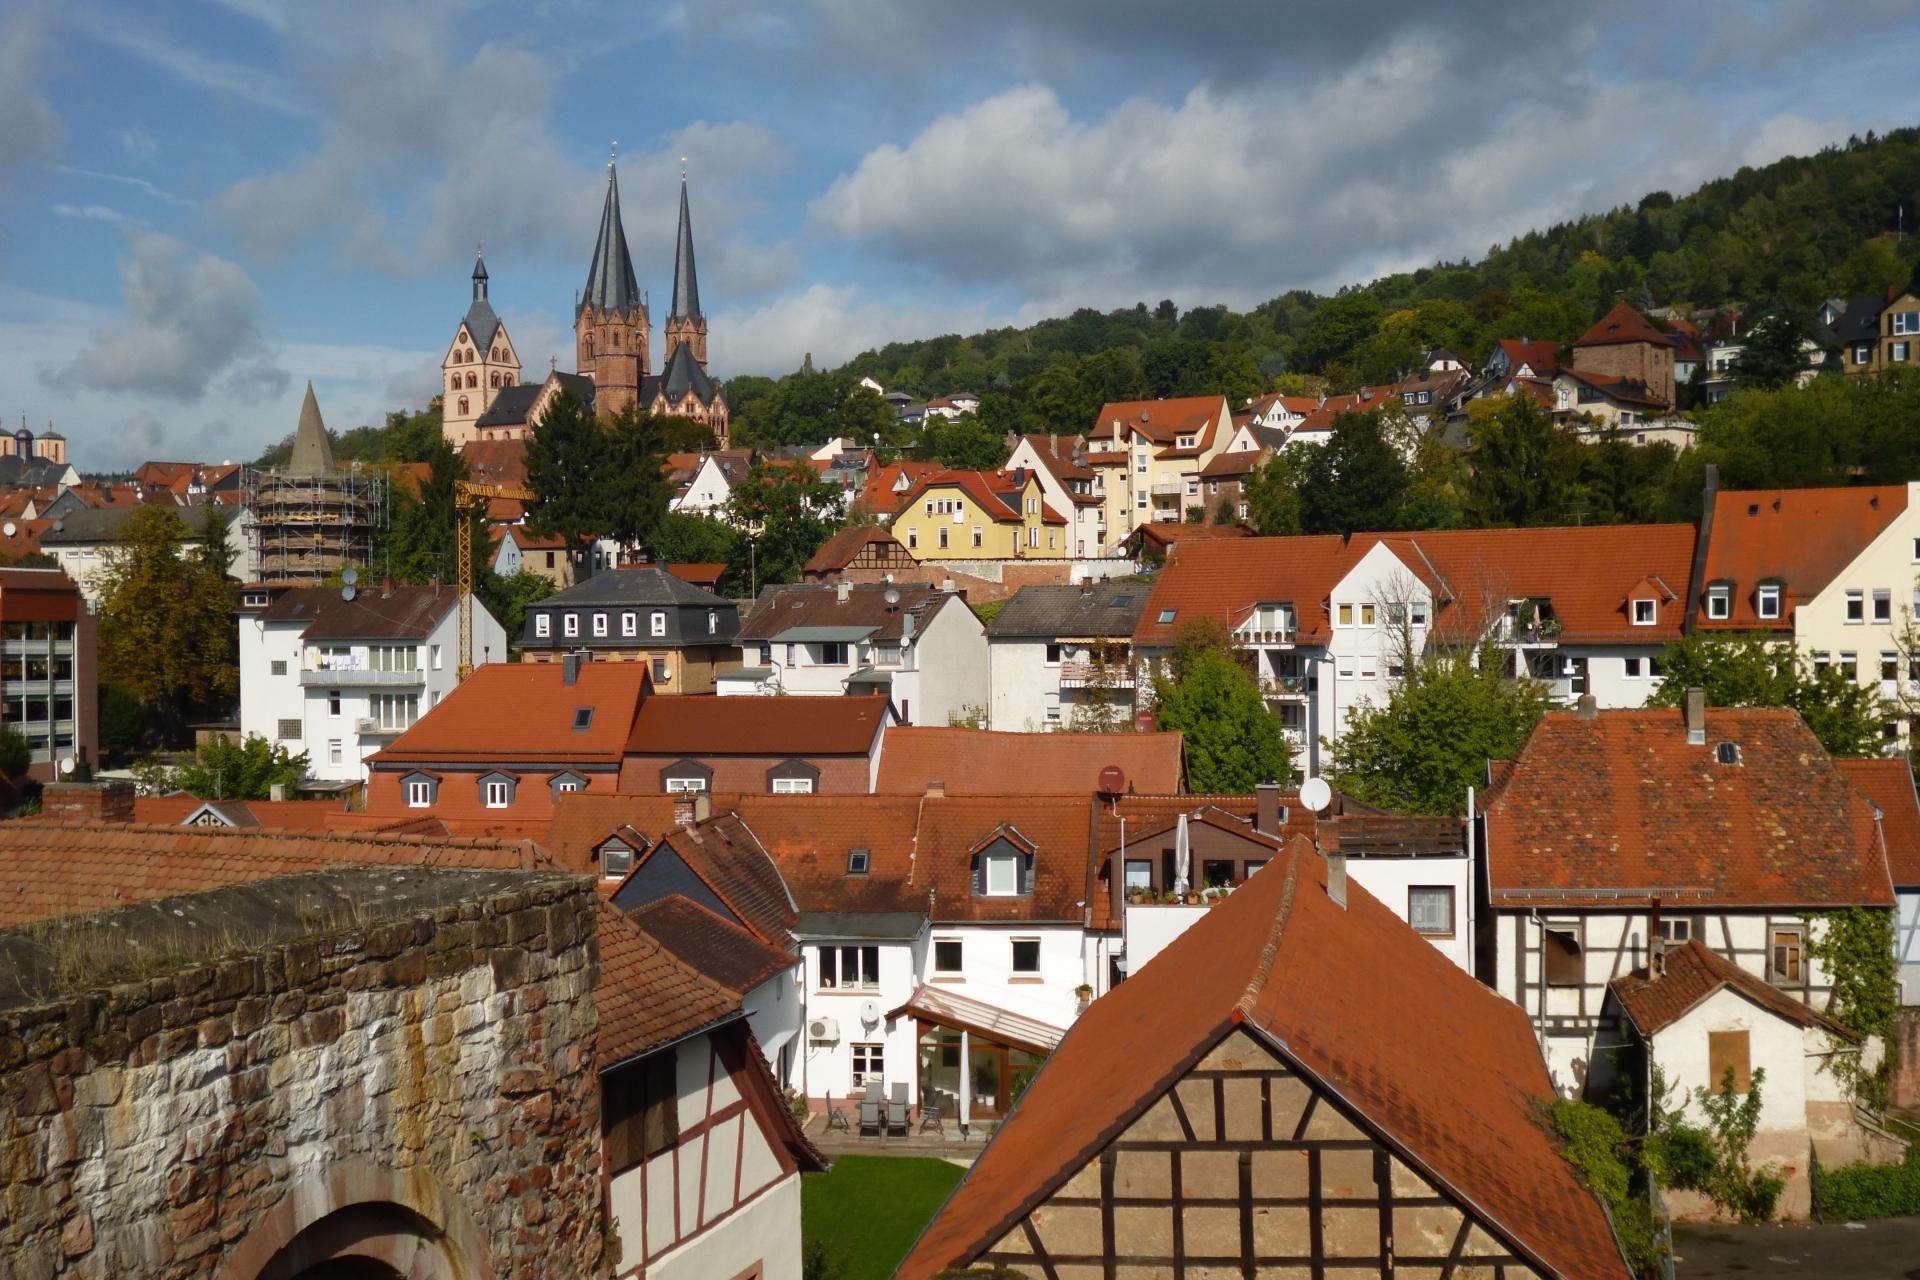 ドイツの治安状況まとめ!良い・悪い都市や安全に旅行するための注意点も紹介